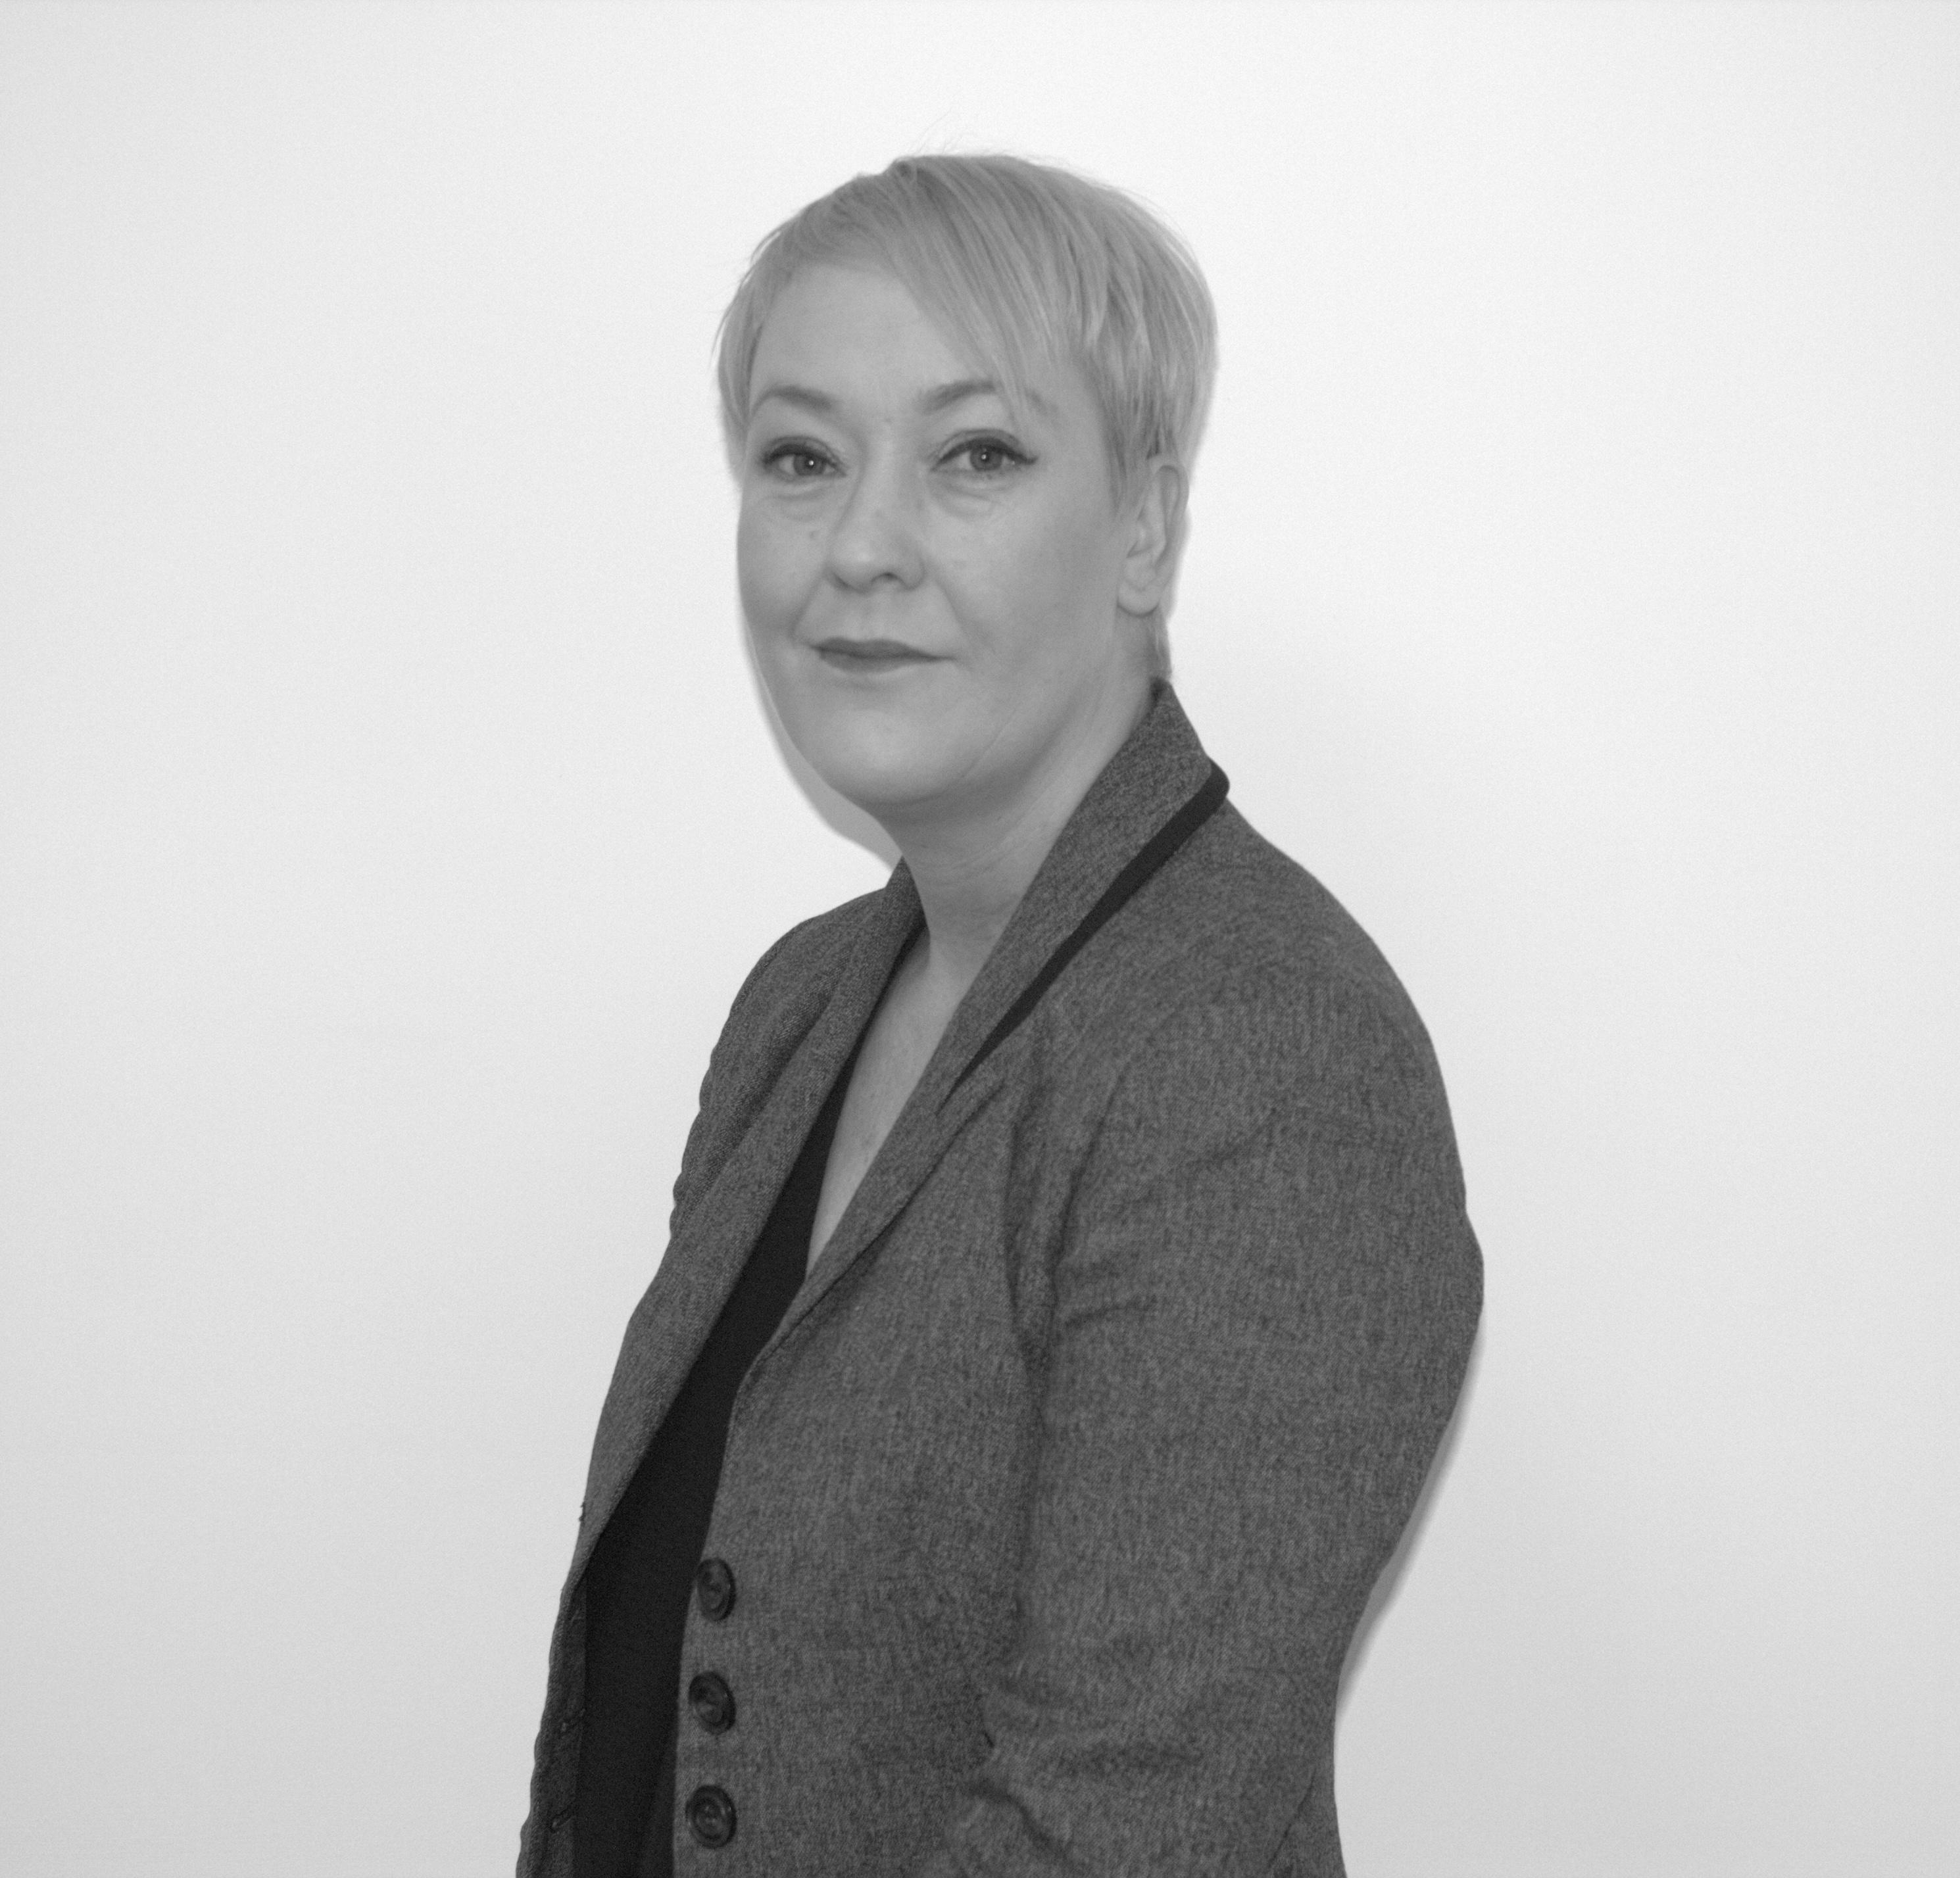 Leanne Beattie